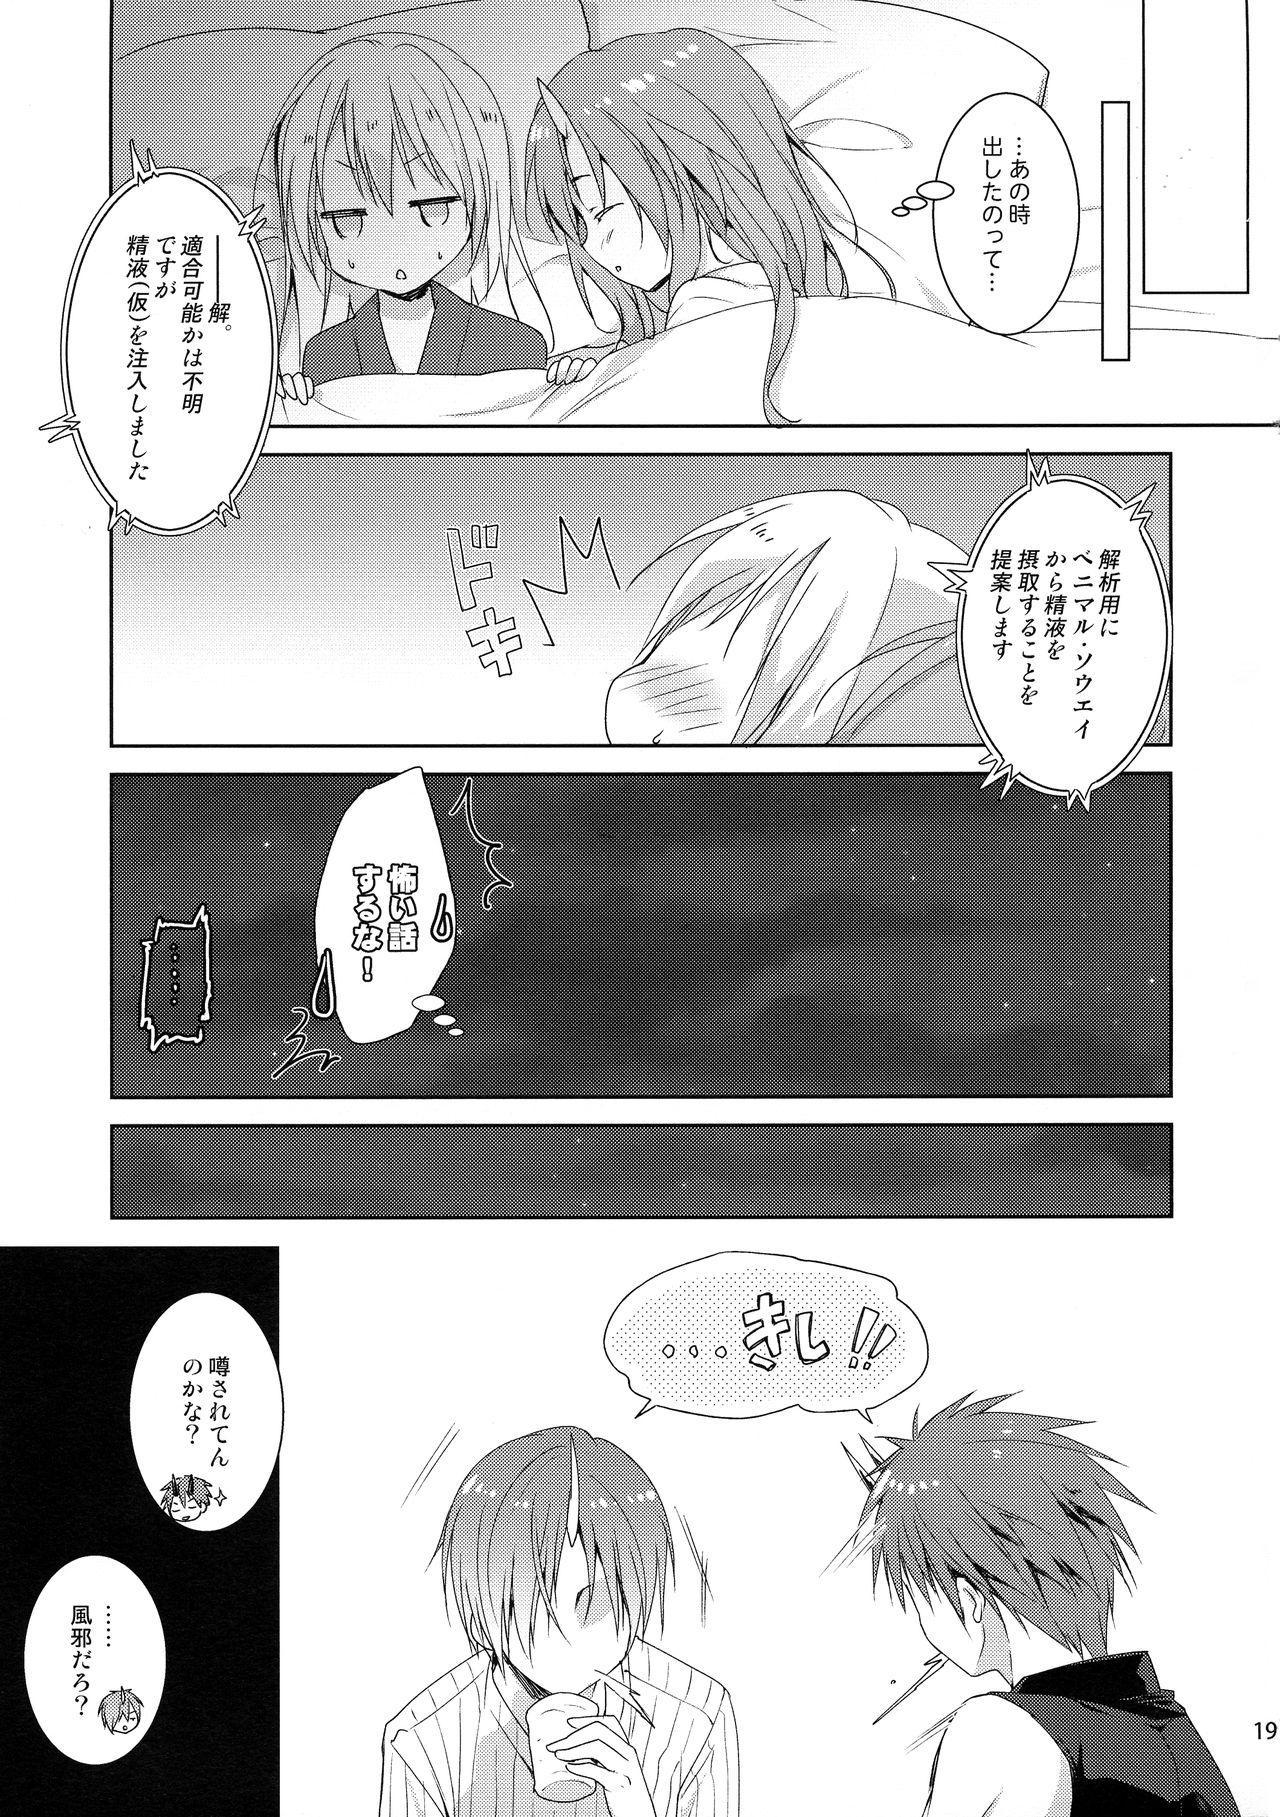 Shiyuna wa Rimuru-sama no Kodomo ga Hoshi no desu! 17